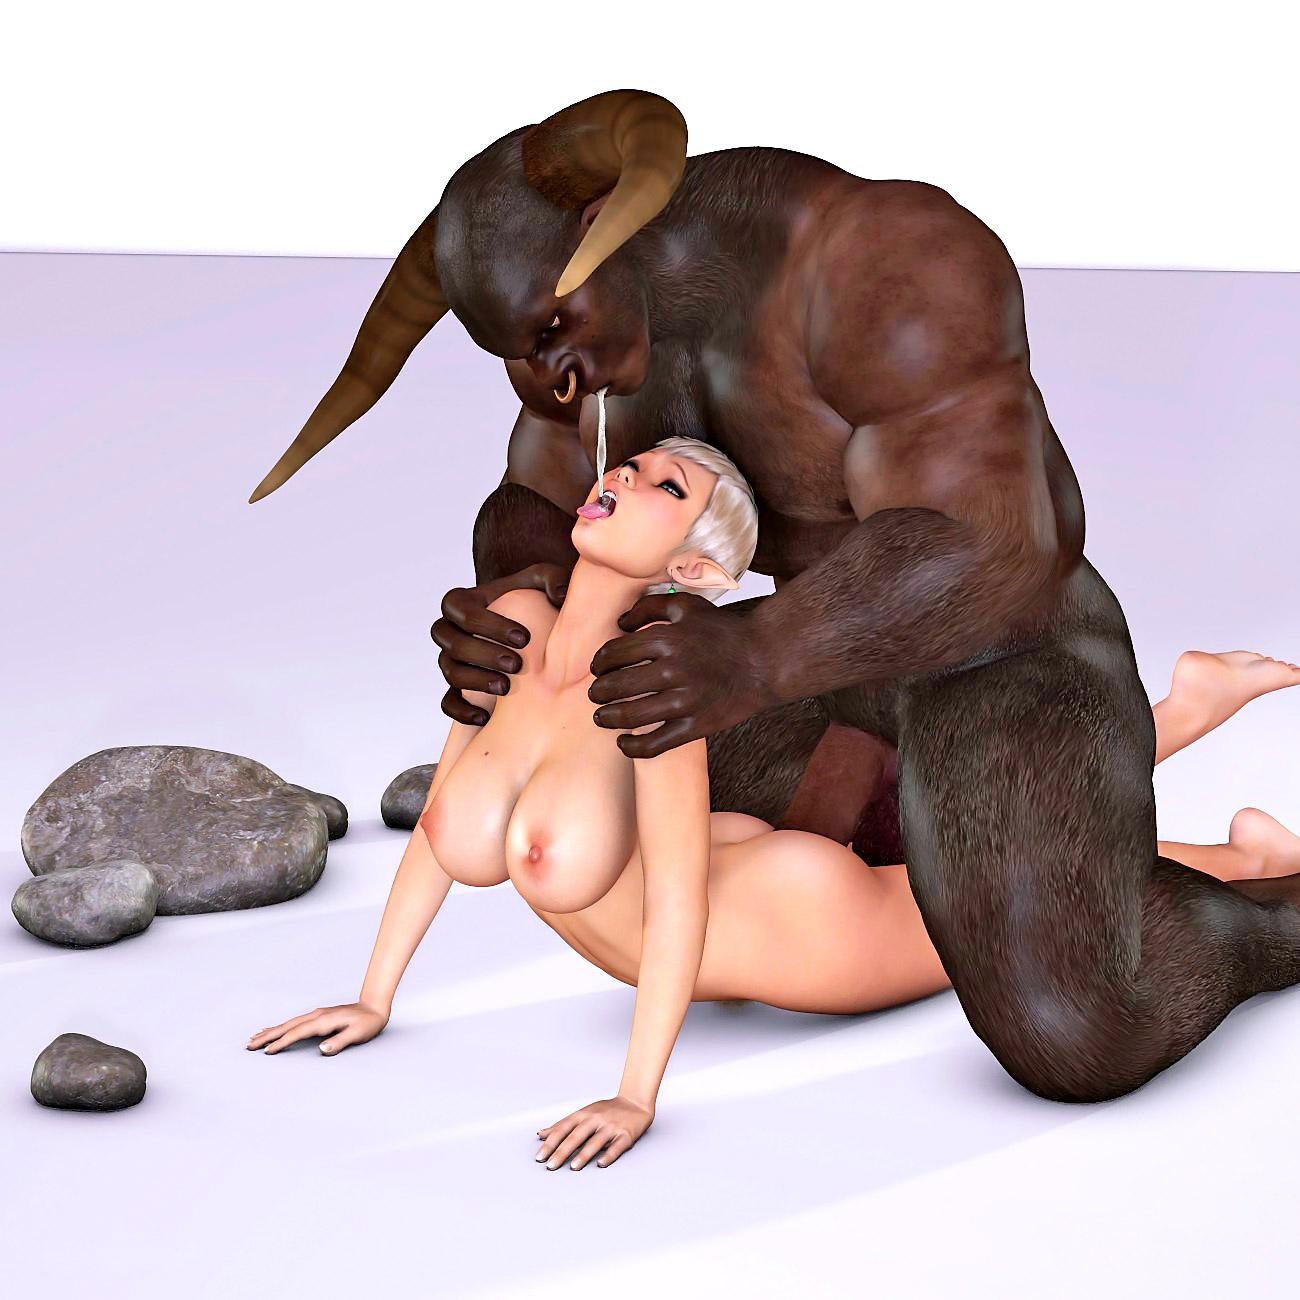 Секс с монстрами мультики 3 д 26 фотография